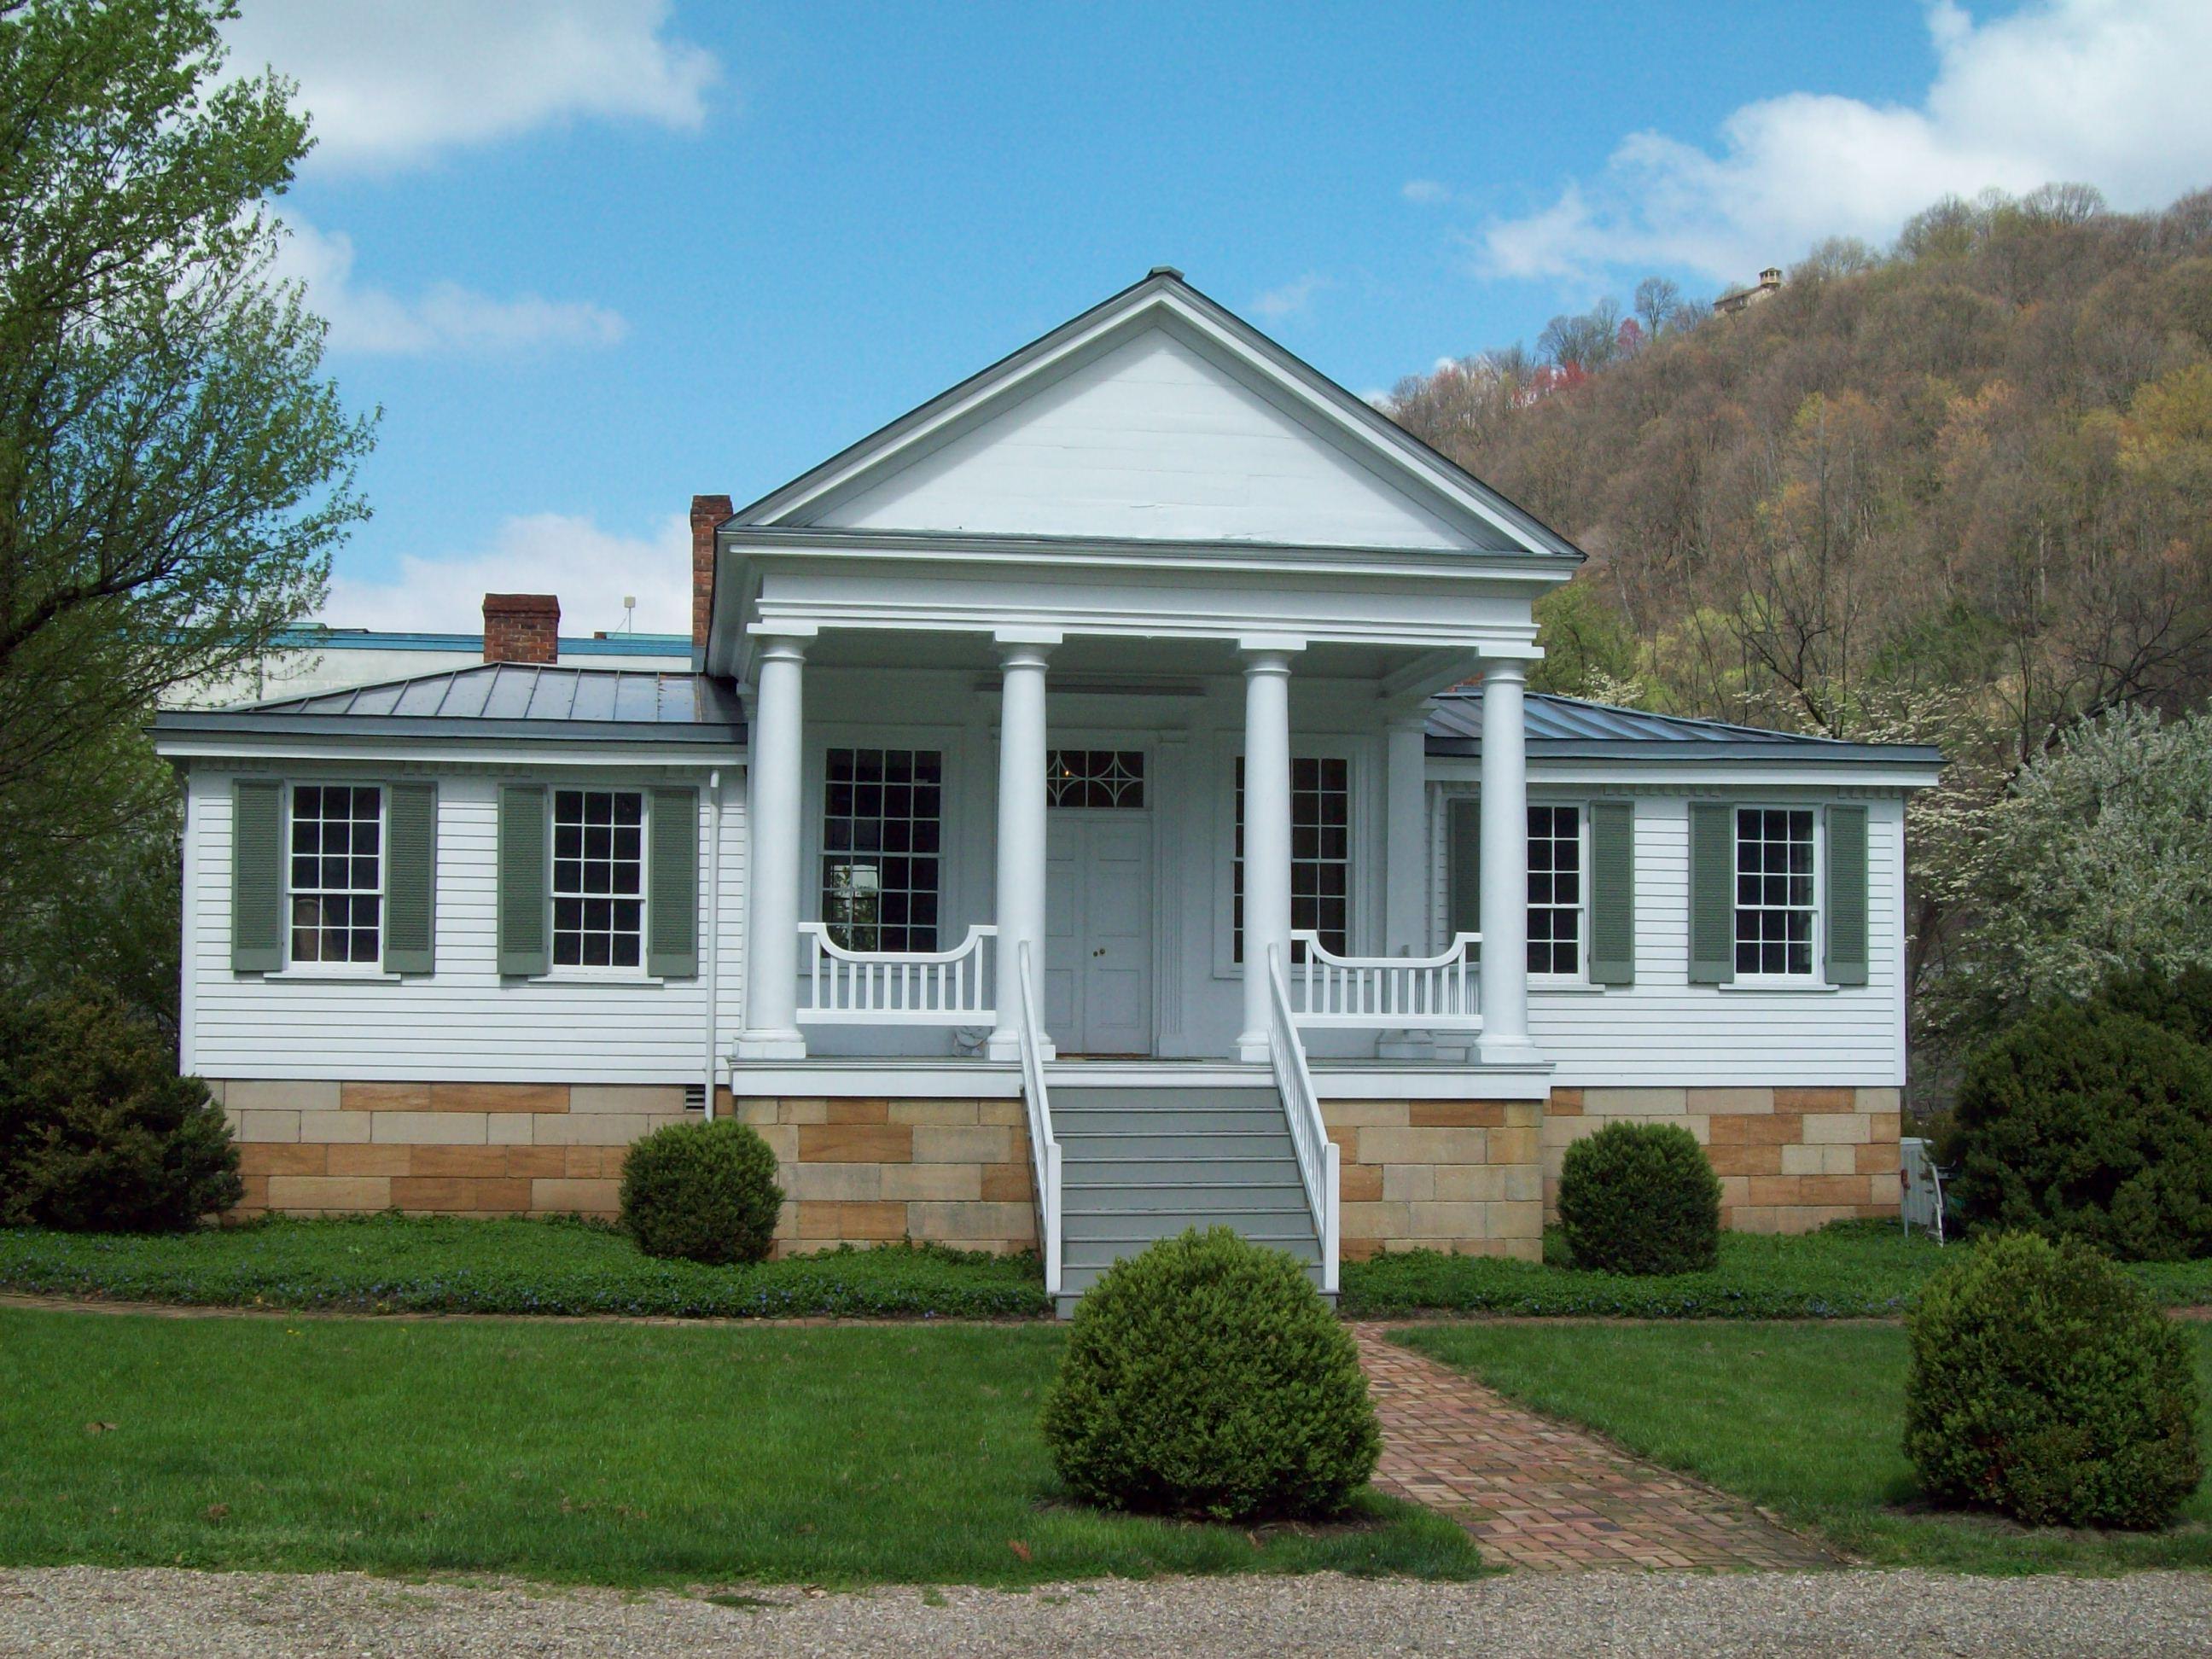 بالصور صور منزل , صور اجمل المنازل 3451 9